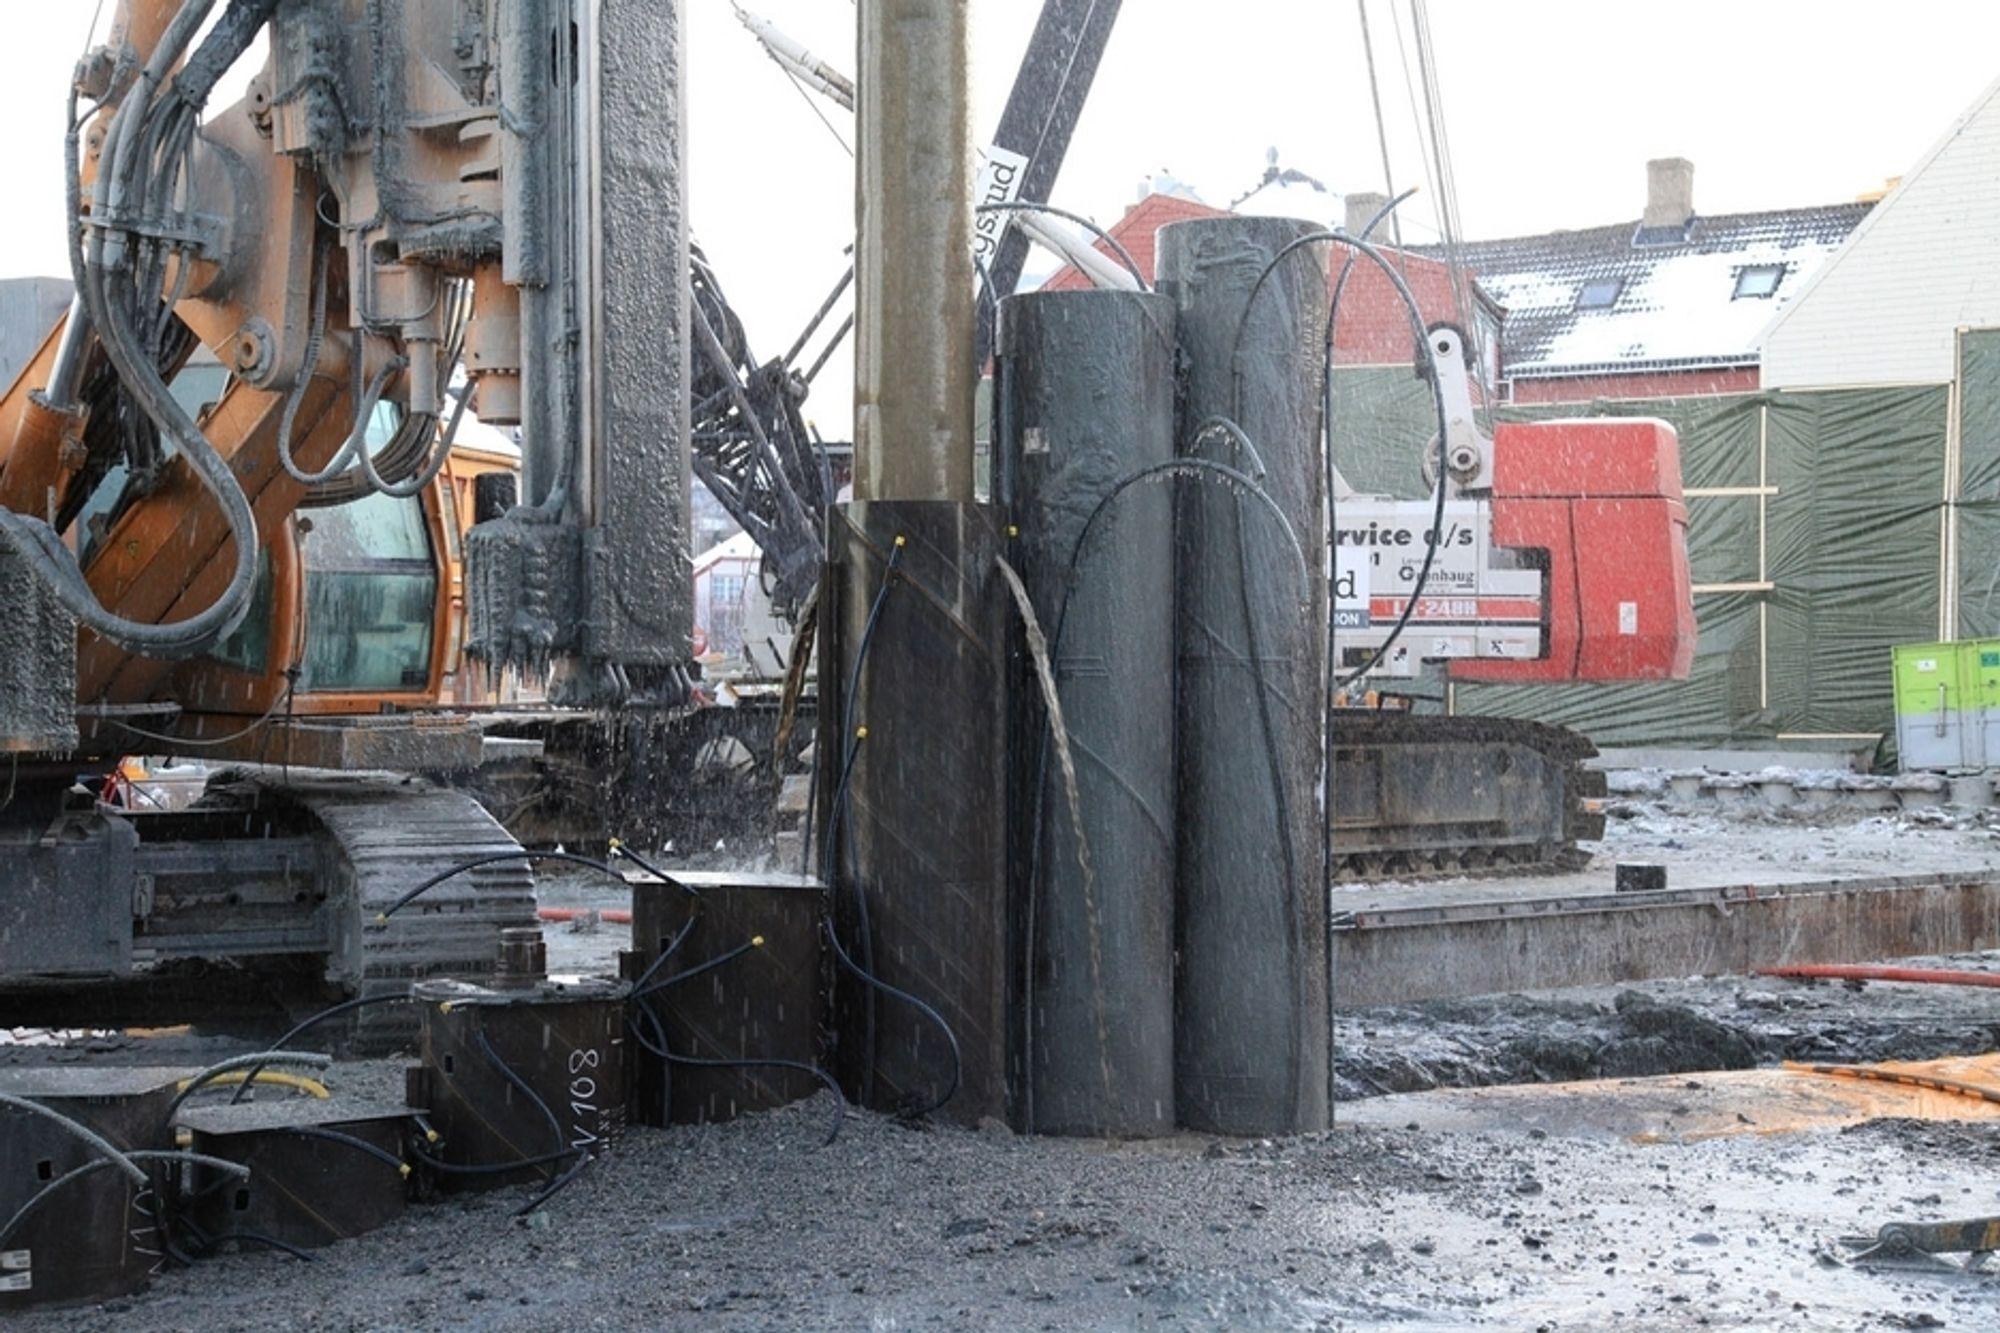 TUNNELUTFORDRING: Ruukkis RD-pelevegg muliggjør bygging av veitunnel i et boligområde i Trondheim.